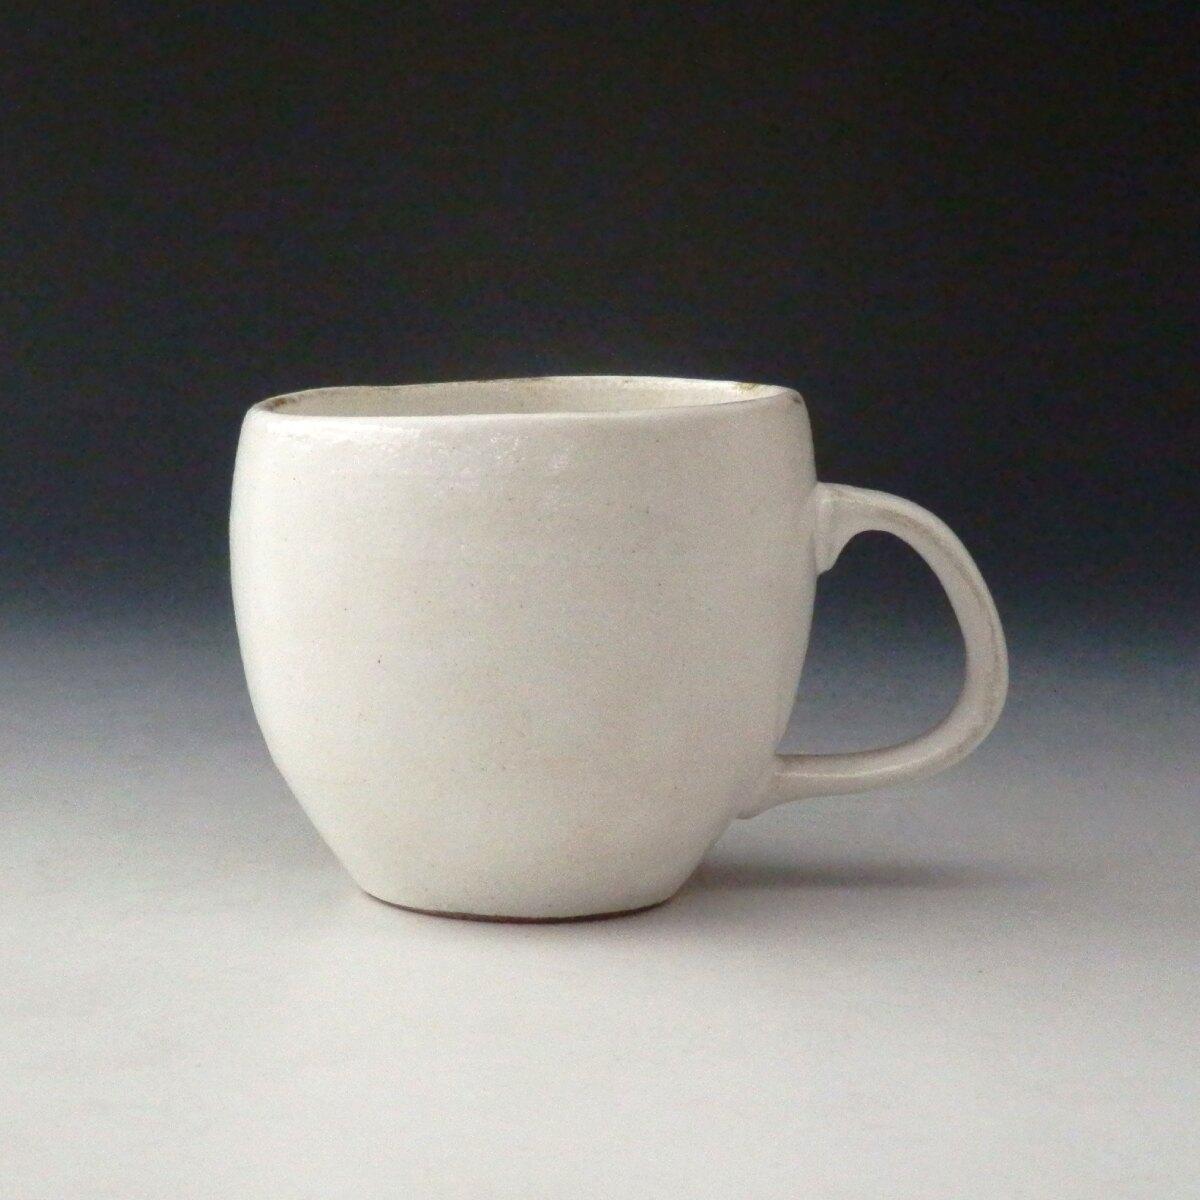 【日本製波佐見燒】白化妝酒桶馬克杯